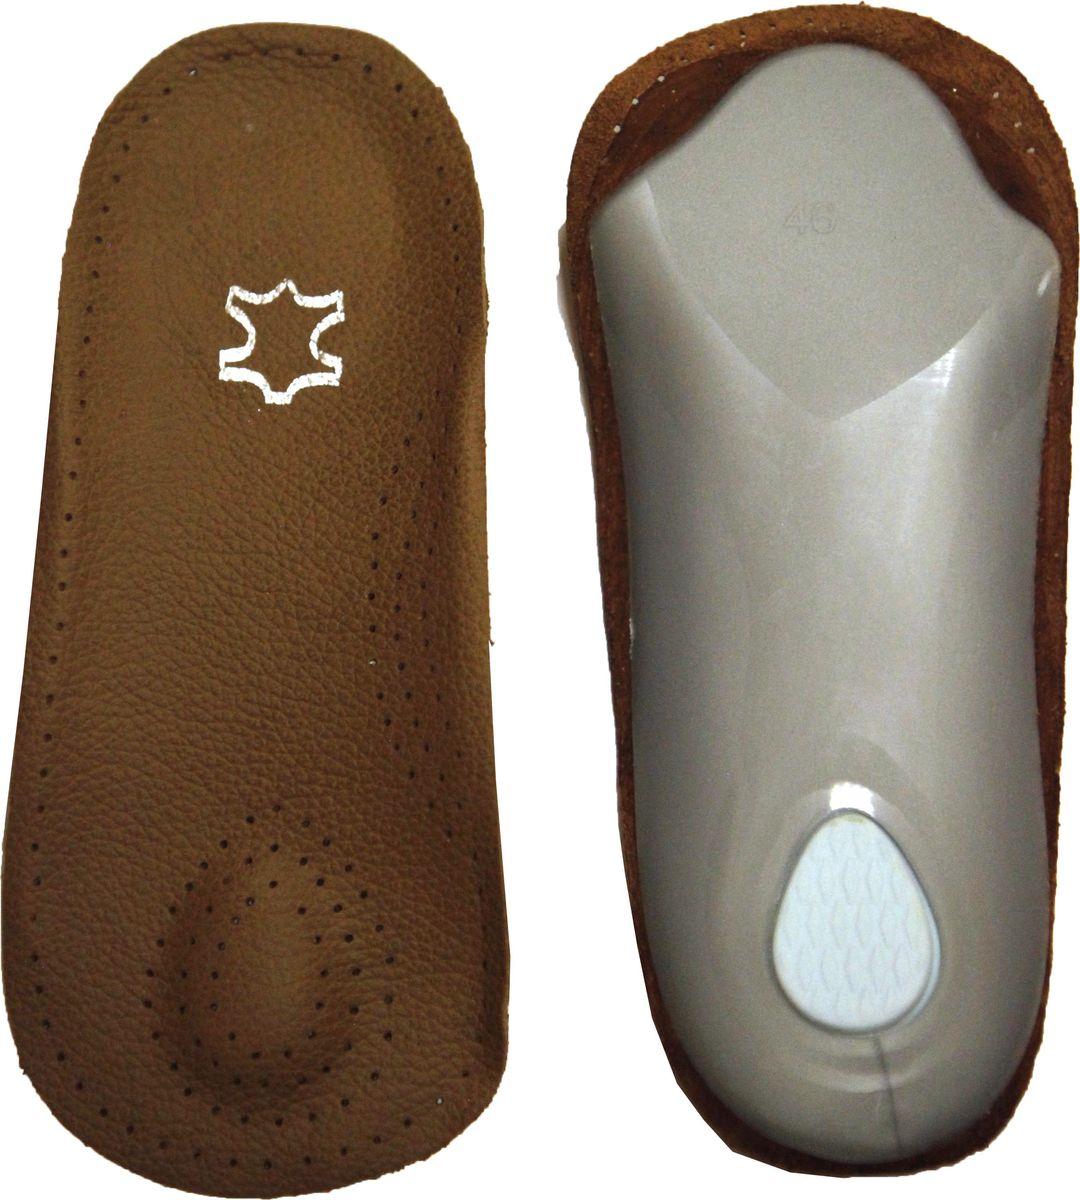 Полустельки для обуви Практика Здоровья, цвет: коричневый. ПСТК1. Размер 41/42ПСТК1Полустелька каркасная кожанаяобеспечивает поддержку продольного и поперечного сводов стопы и защищает от развития плоскостопия. Имеет пяточный амортизатор, обеспечивающий снижение ударной нагрузки на пятку.